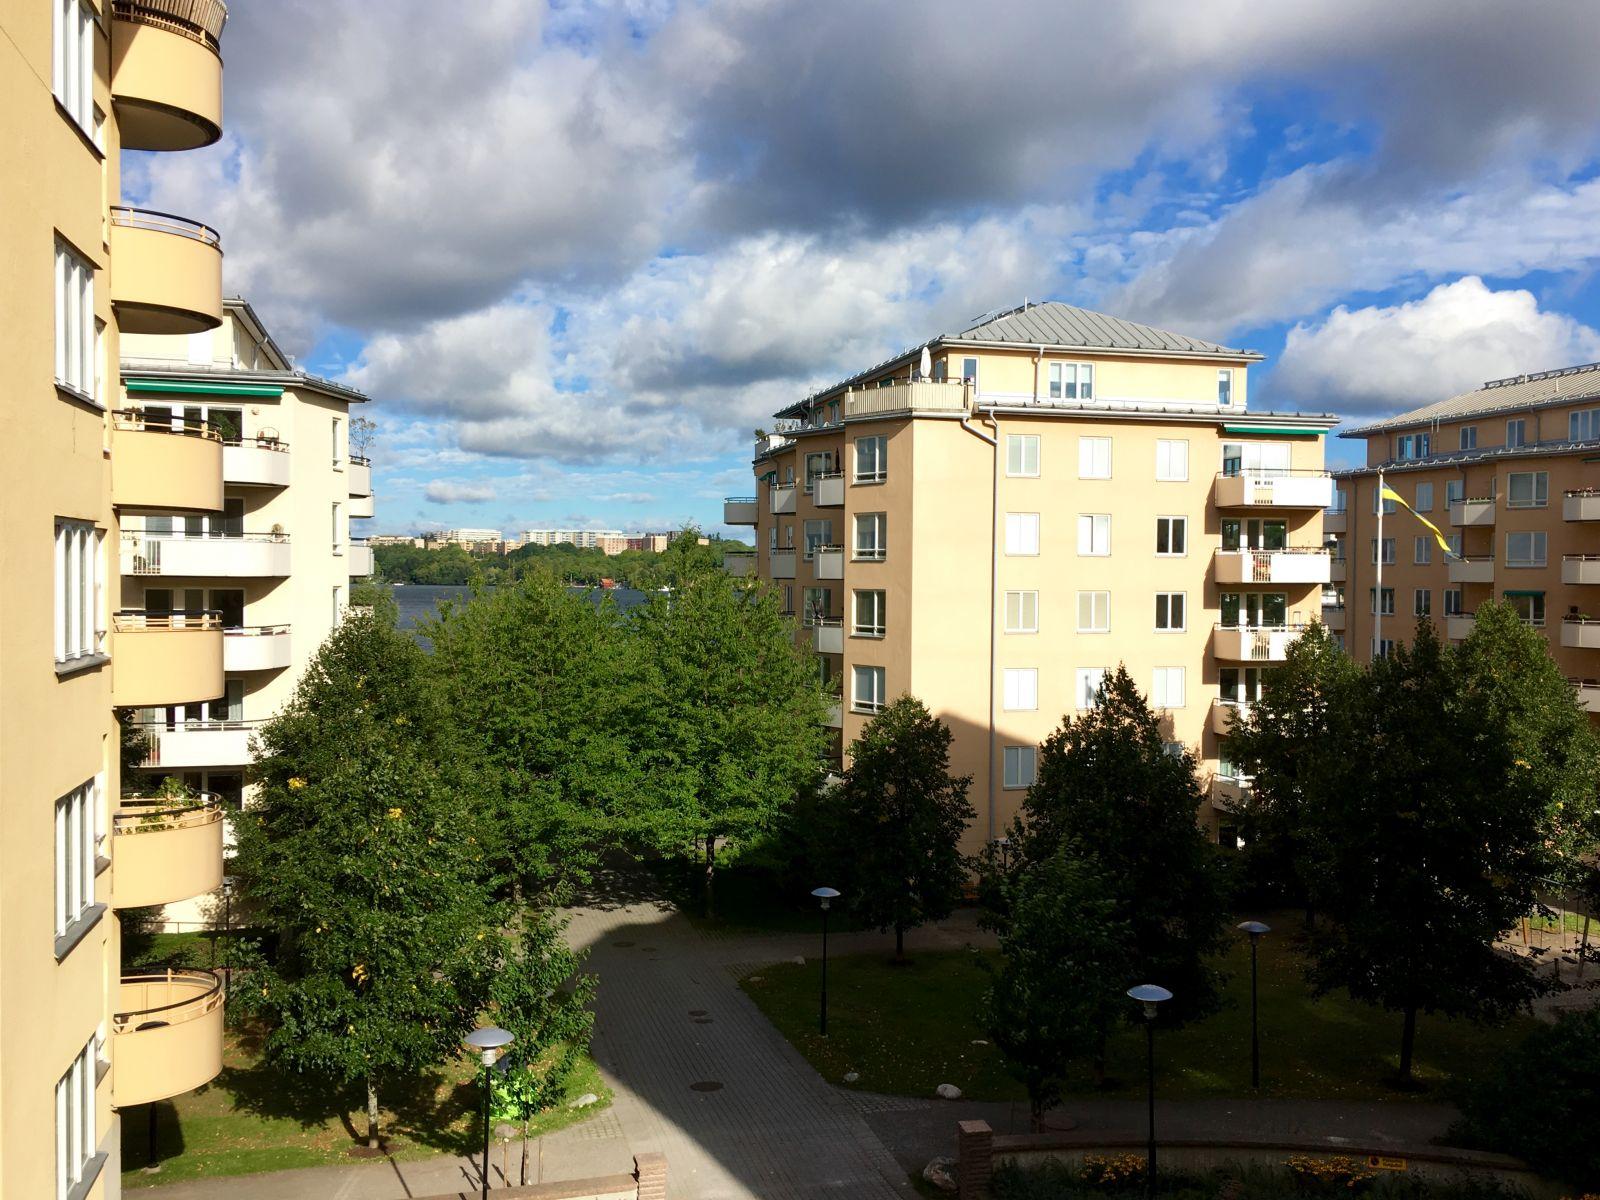 BRF Kräftan 1620 har Tillsammans med föreningarna på Kristinebergs strand en samfällighetsförening som tar hand om de gemensamma ytorna.